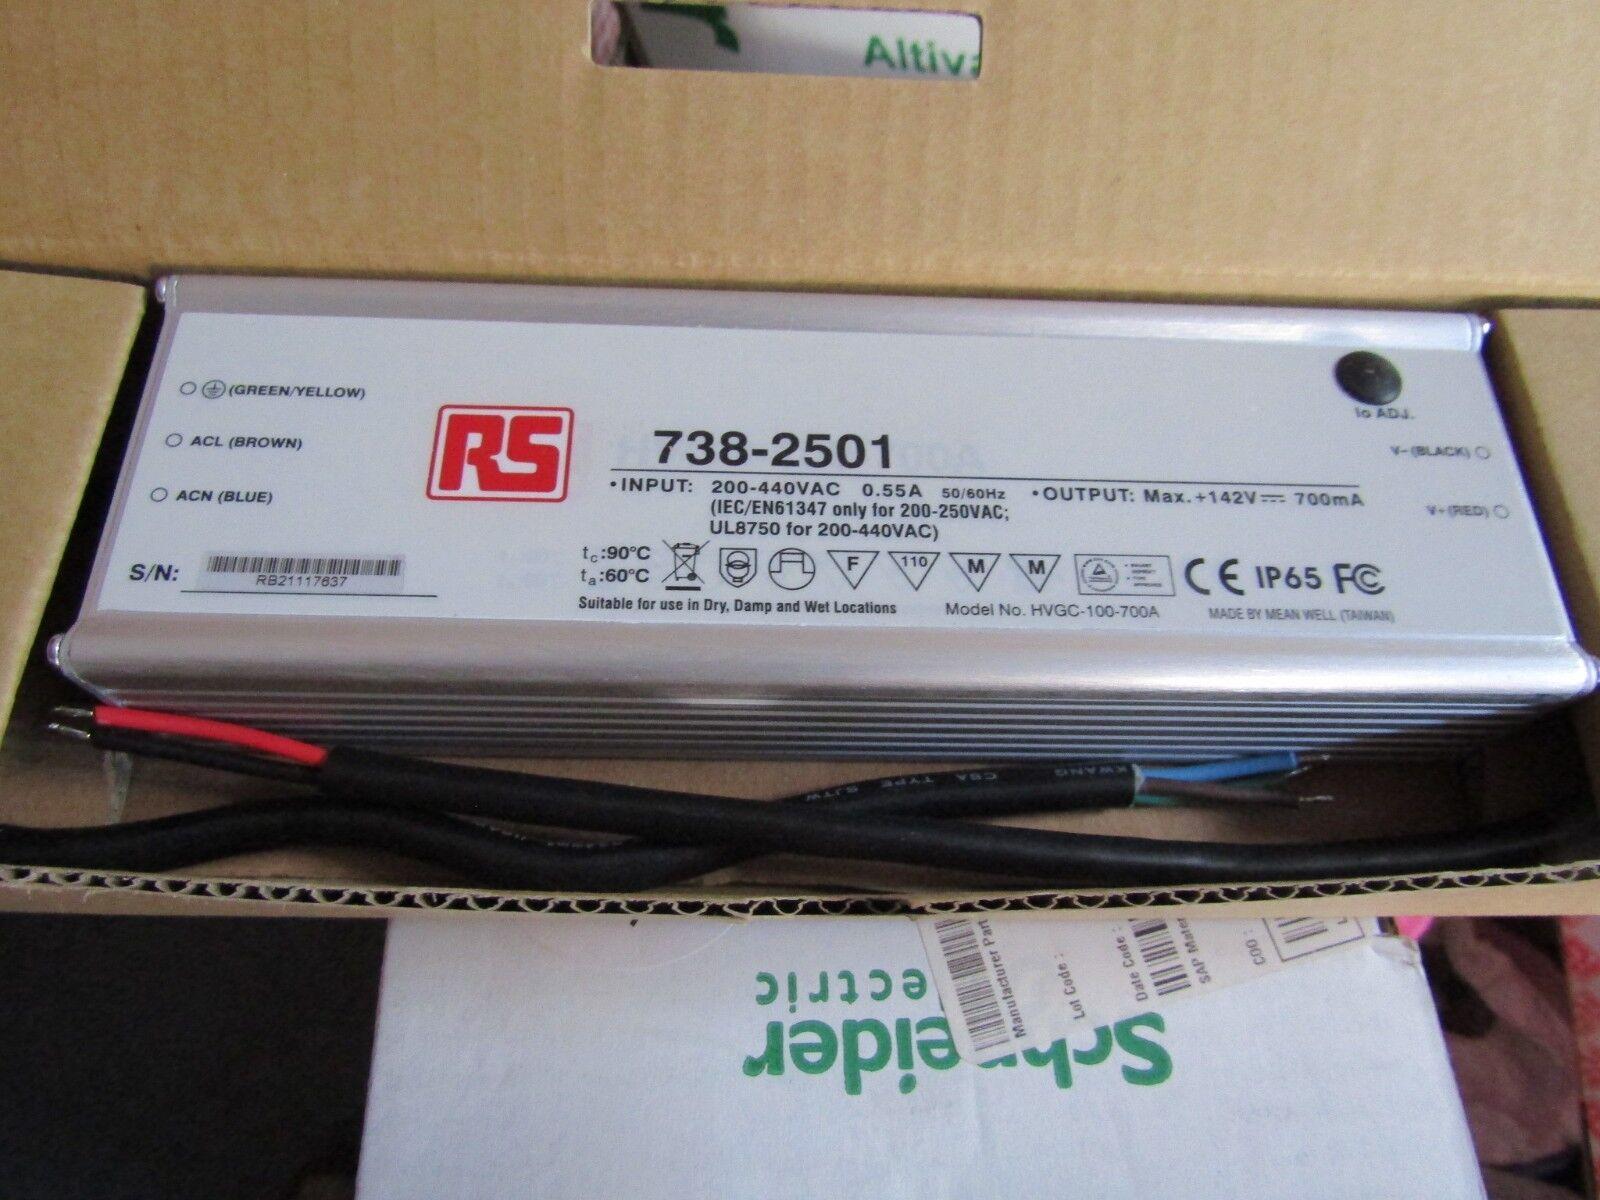 MEAN Well hvgc-Potenziometro 100-700A Corrente Costante LED Driver 100w 7382501